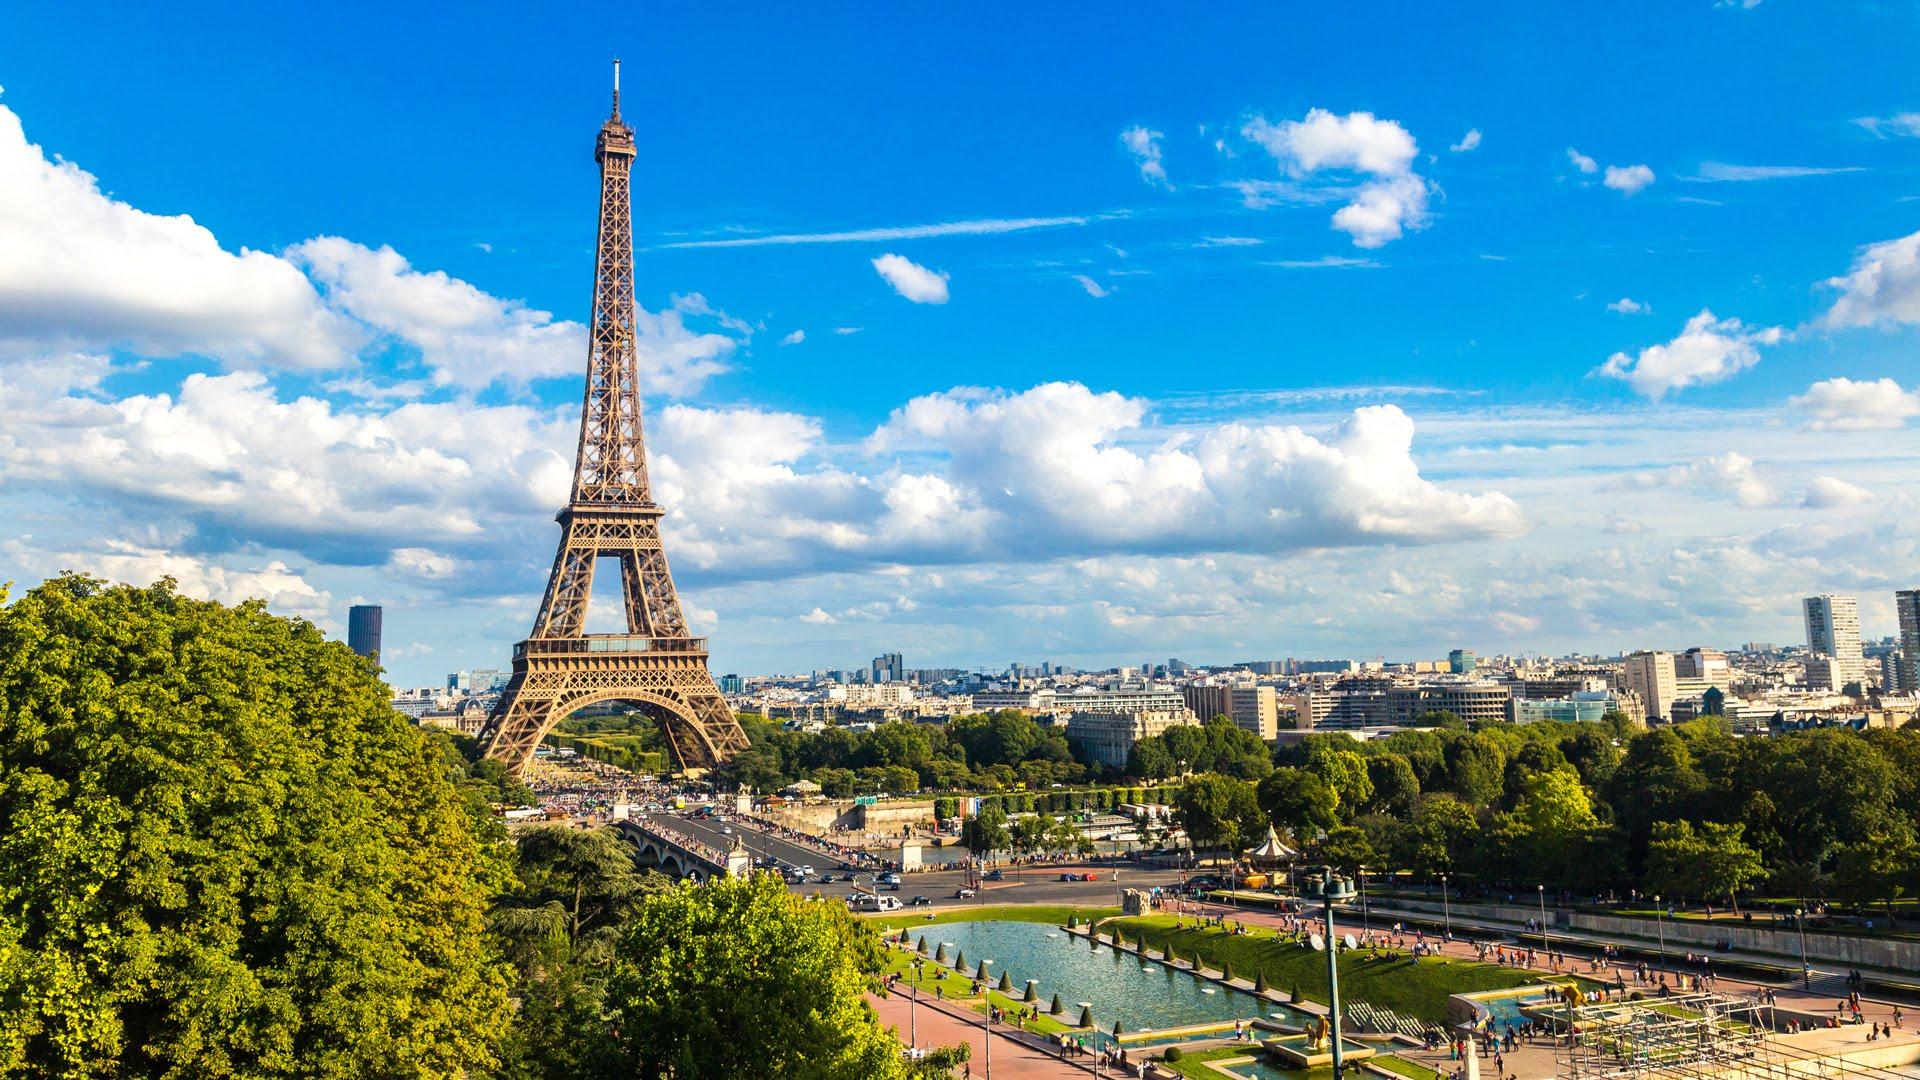 「パリへロマンチックな旅をしよう!」- Paris, France: Top Things to Do